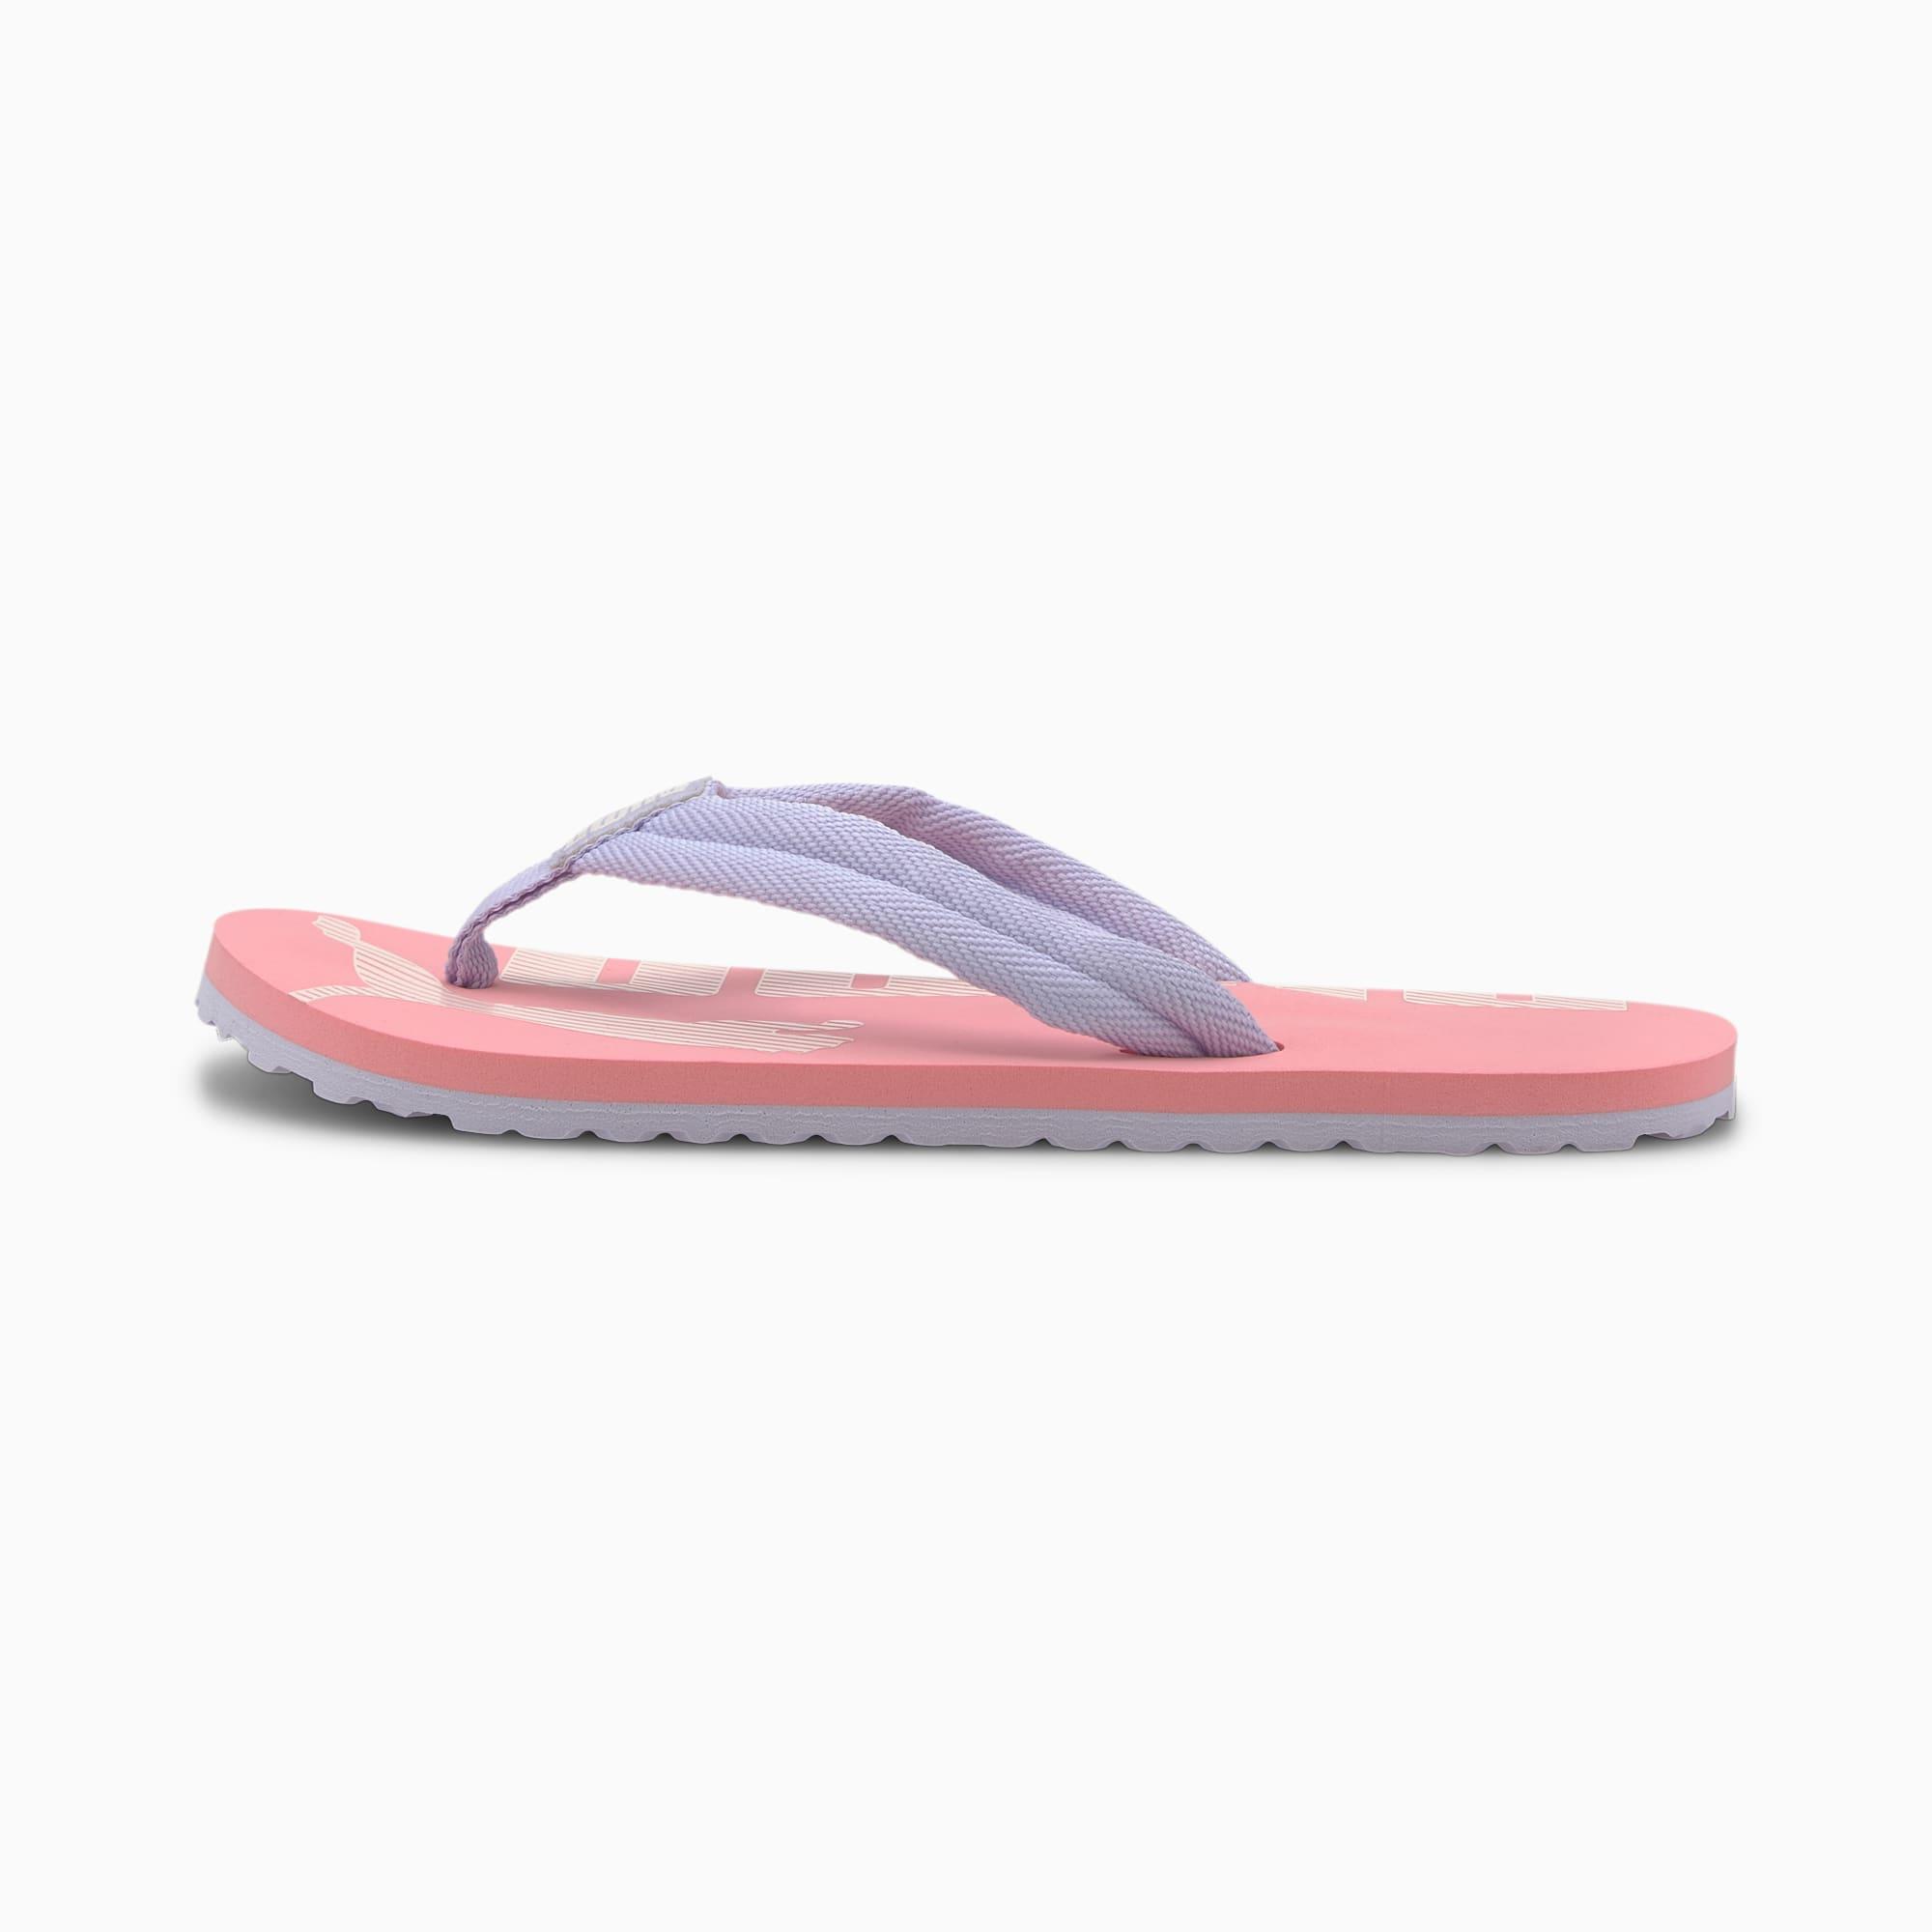 PUMA Tong Epic Flip v2 pour enfant, Violet/Bruyère, Taille 35.5, Chaussures